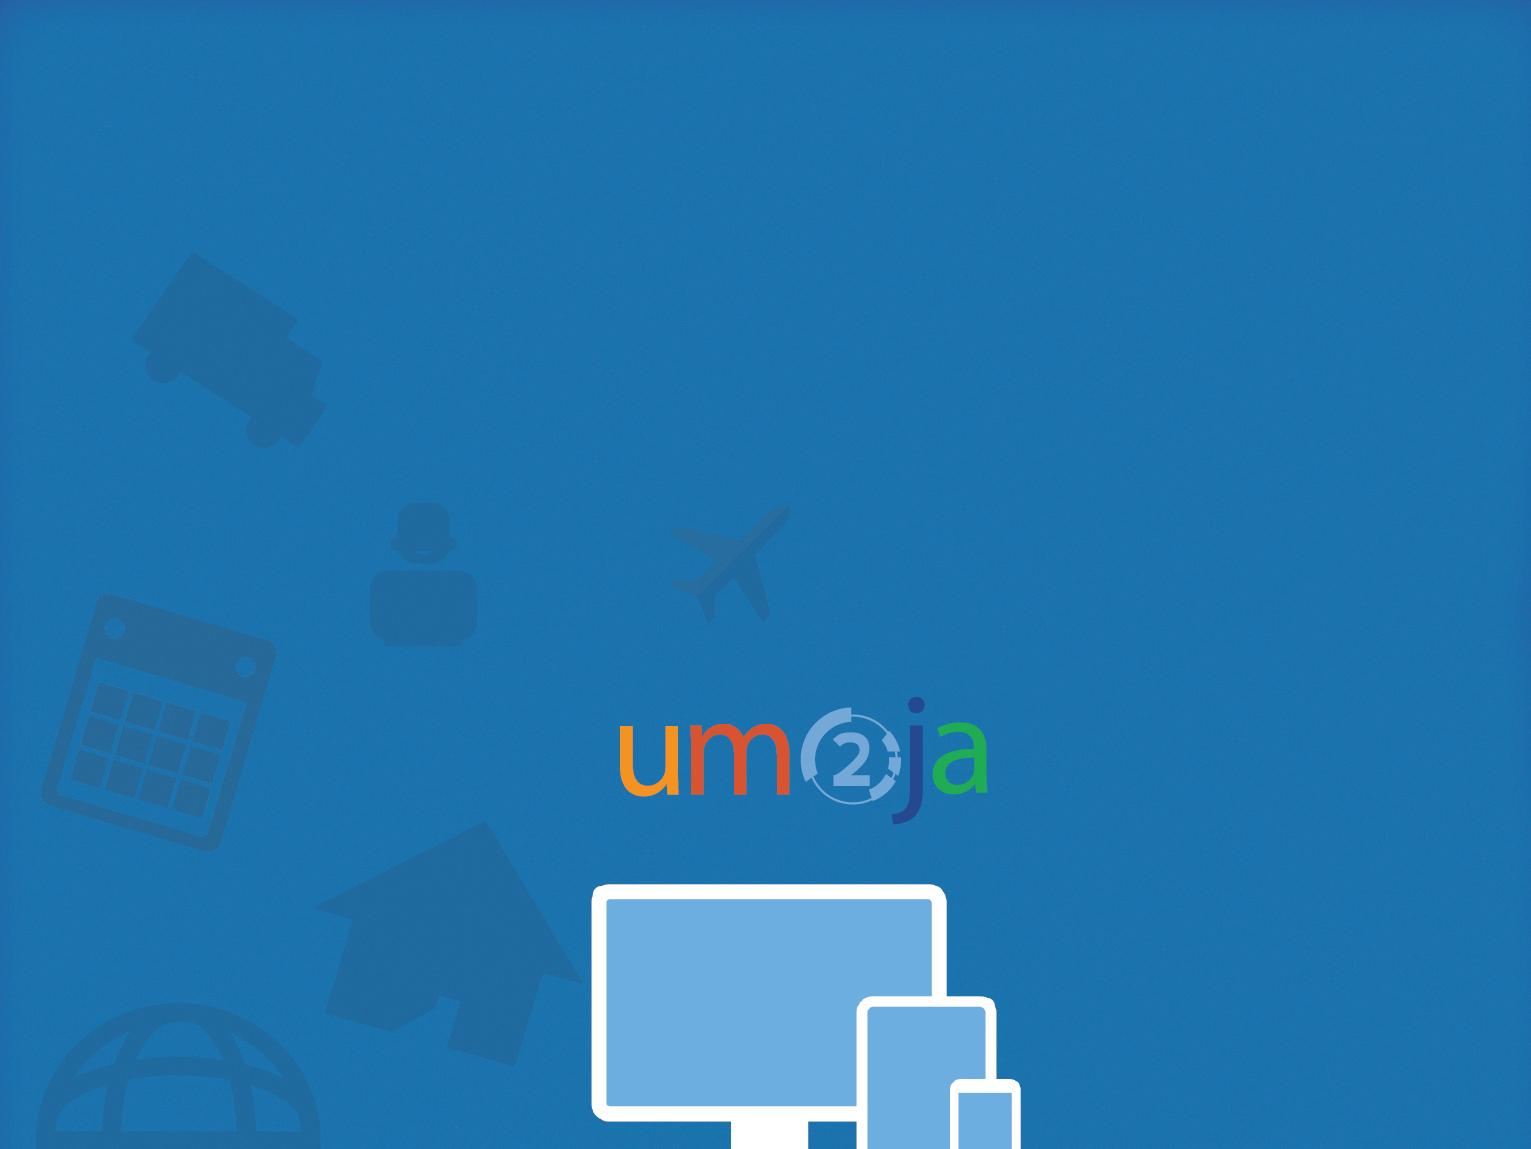 United Nations App Splash Screen app logo illustration